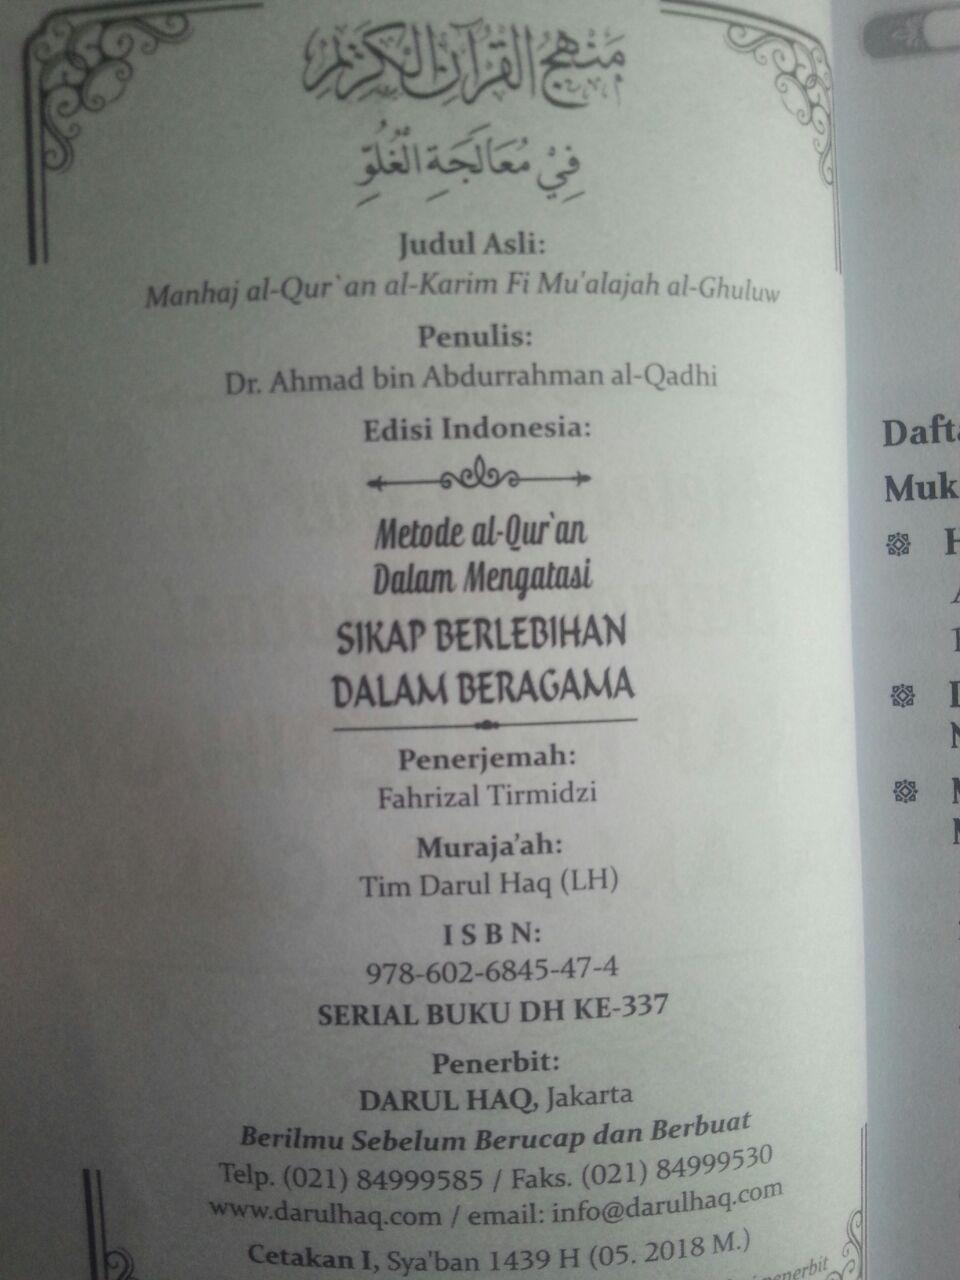 Buku Metode Al-Qur'an Dalam Mengatasi Sikap Berlebihan Dalam Agama isi